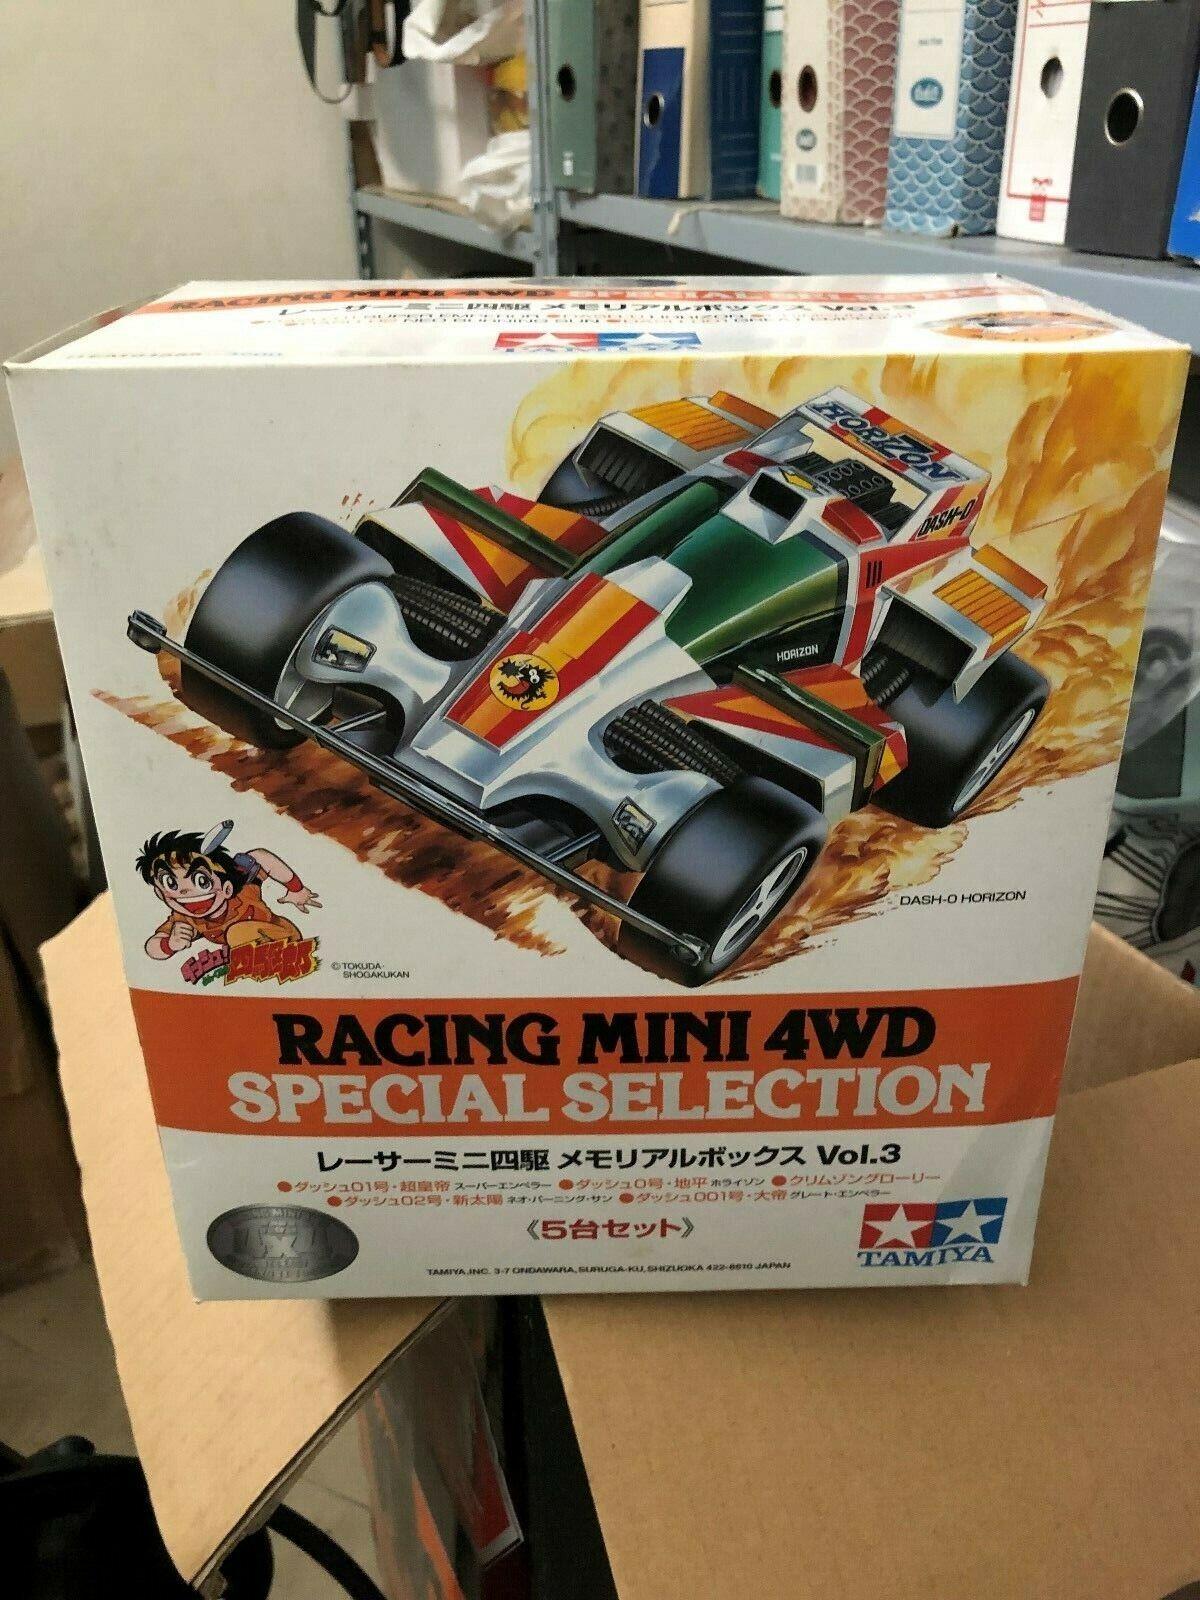 Tamiya Racer Mini 4Wd Memorial Box Vol.3